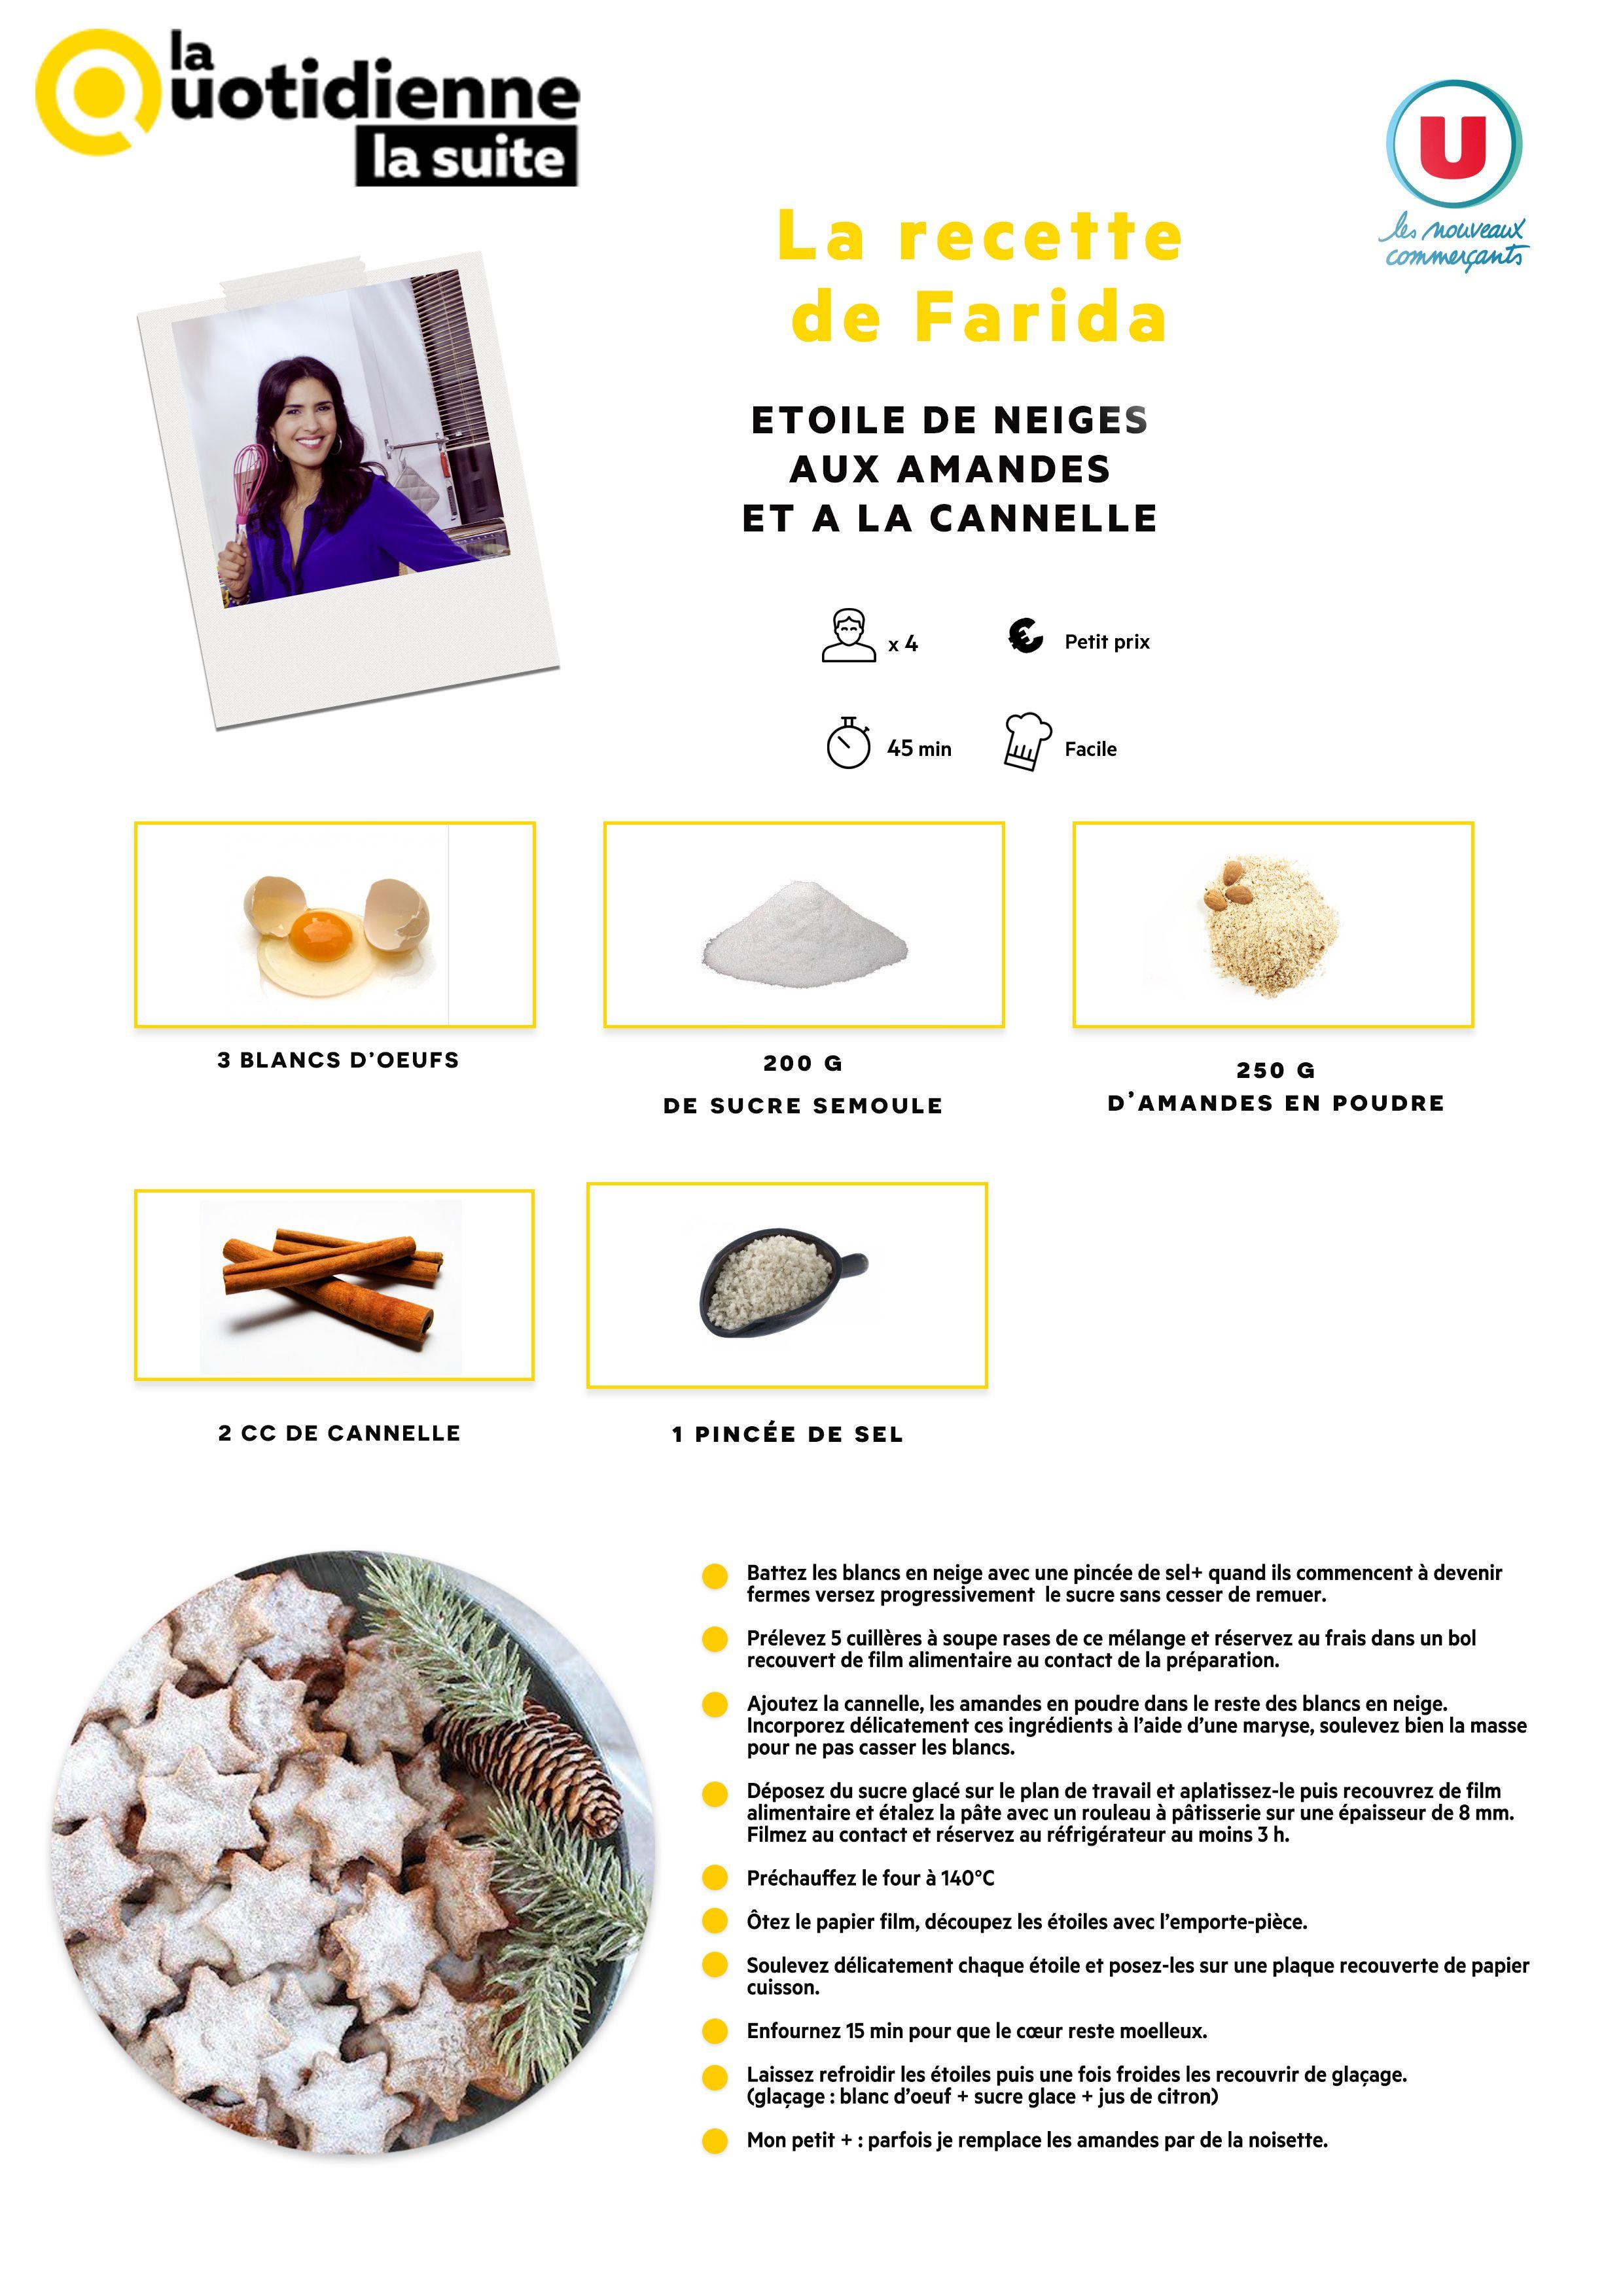 Toutes Les Recettes De Farida La Quotidienne : toutes, recettes, farida, quotidienne, Recettes, Quotidienne, Suite, France, Cuisine,, Recette,, Sucrées